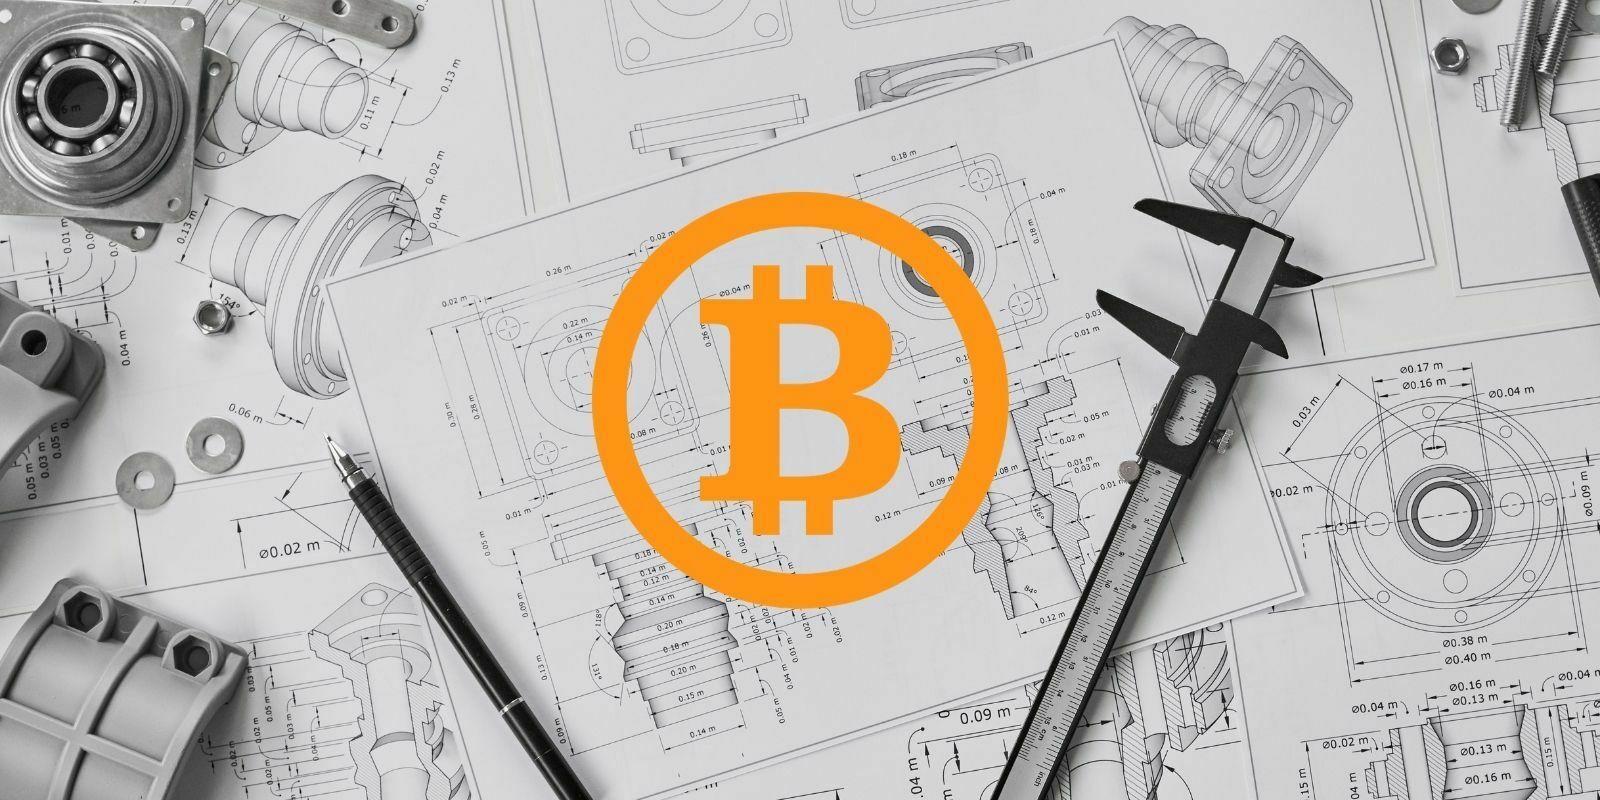 Qu'est-ce qu'un BIP ou Bitcoin Improvement Proposal ?